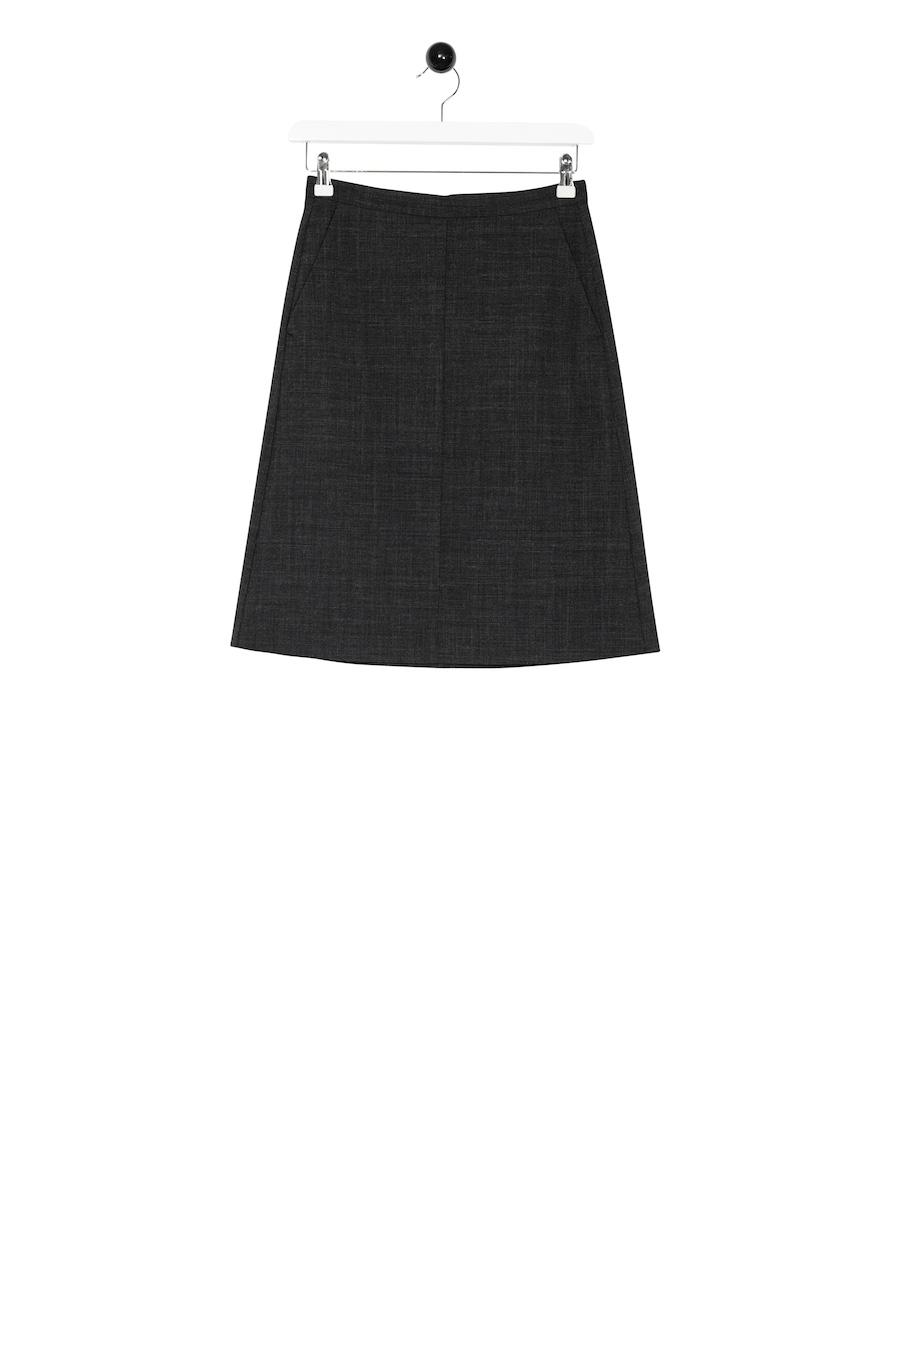 Skarhult Skirt